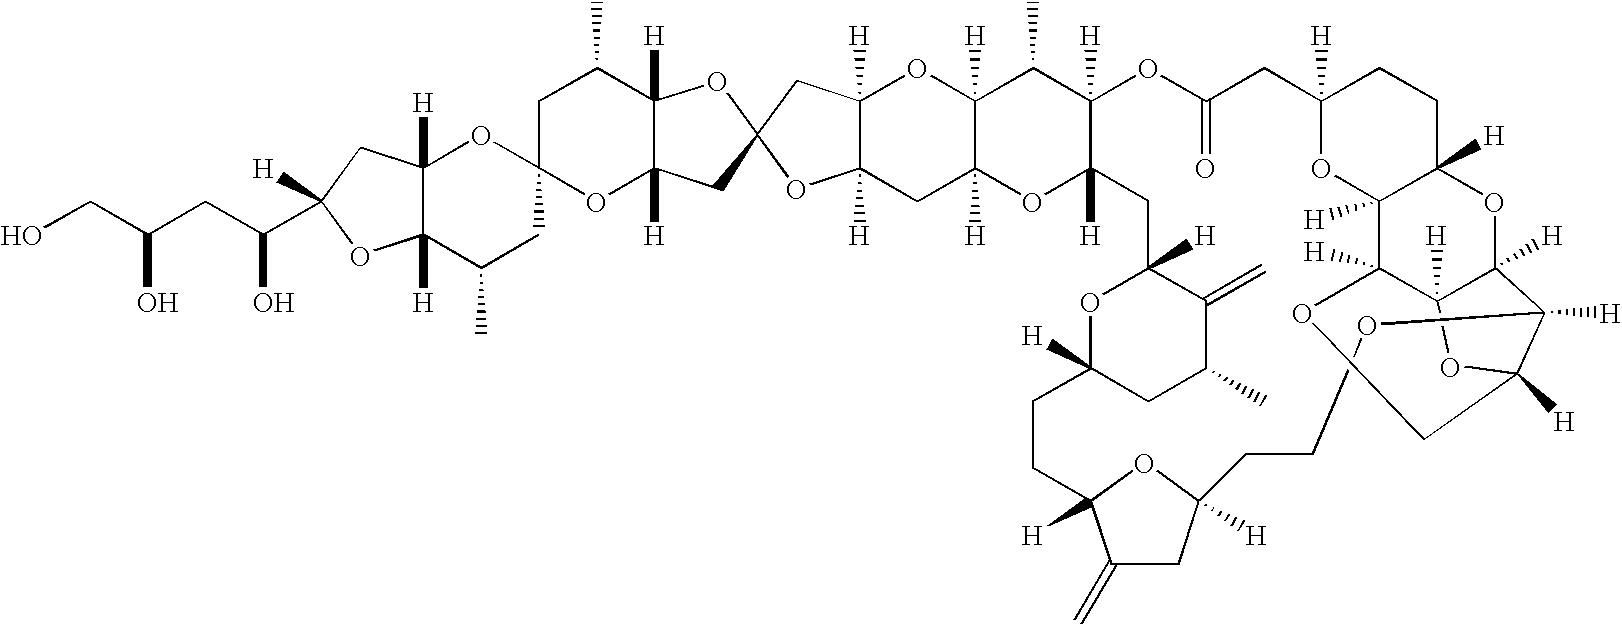 Figure US20100015684A1-20100121-C00031